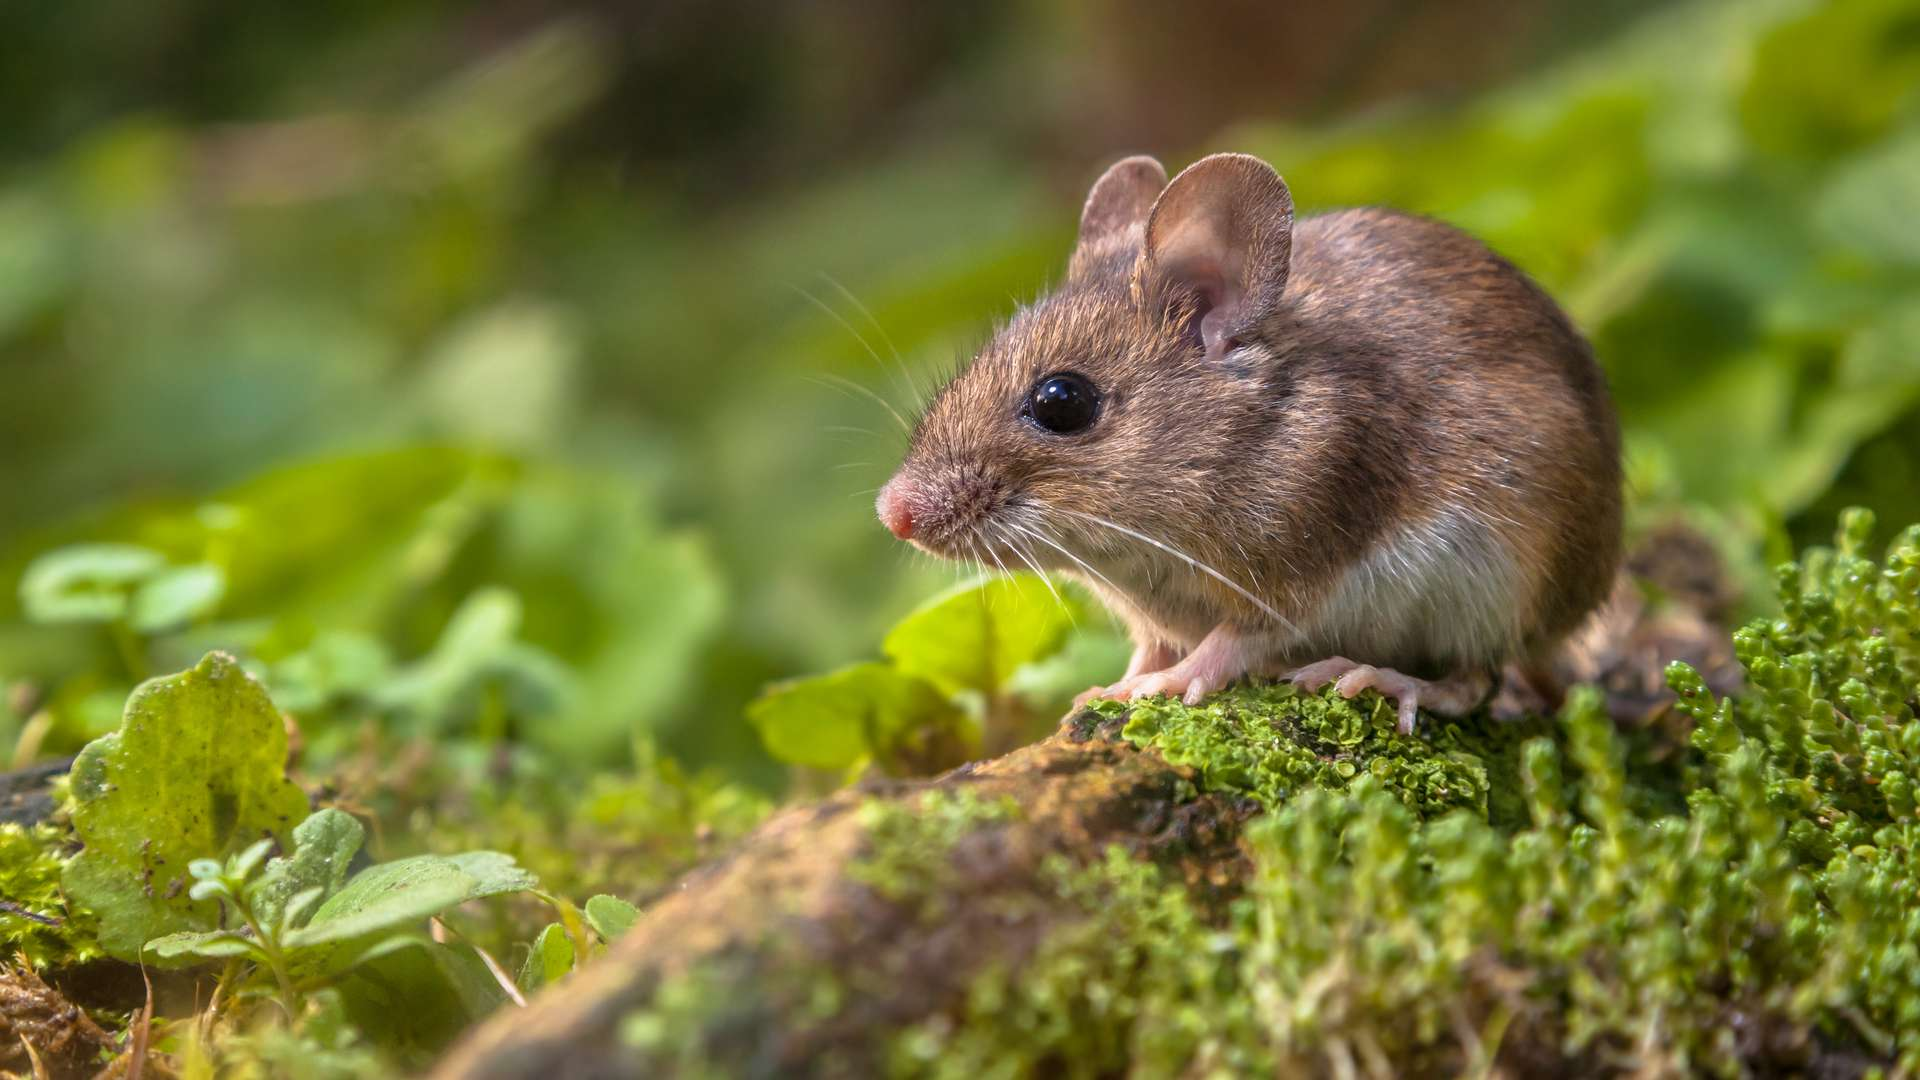 Les vertébrés, à l'instar des souris, et les invertébrés, dont les mouches, ont un ancêtre commun. © Creativenature.nl, Adobe Stock